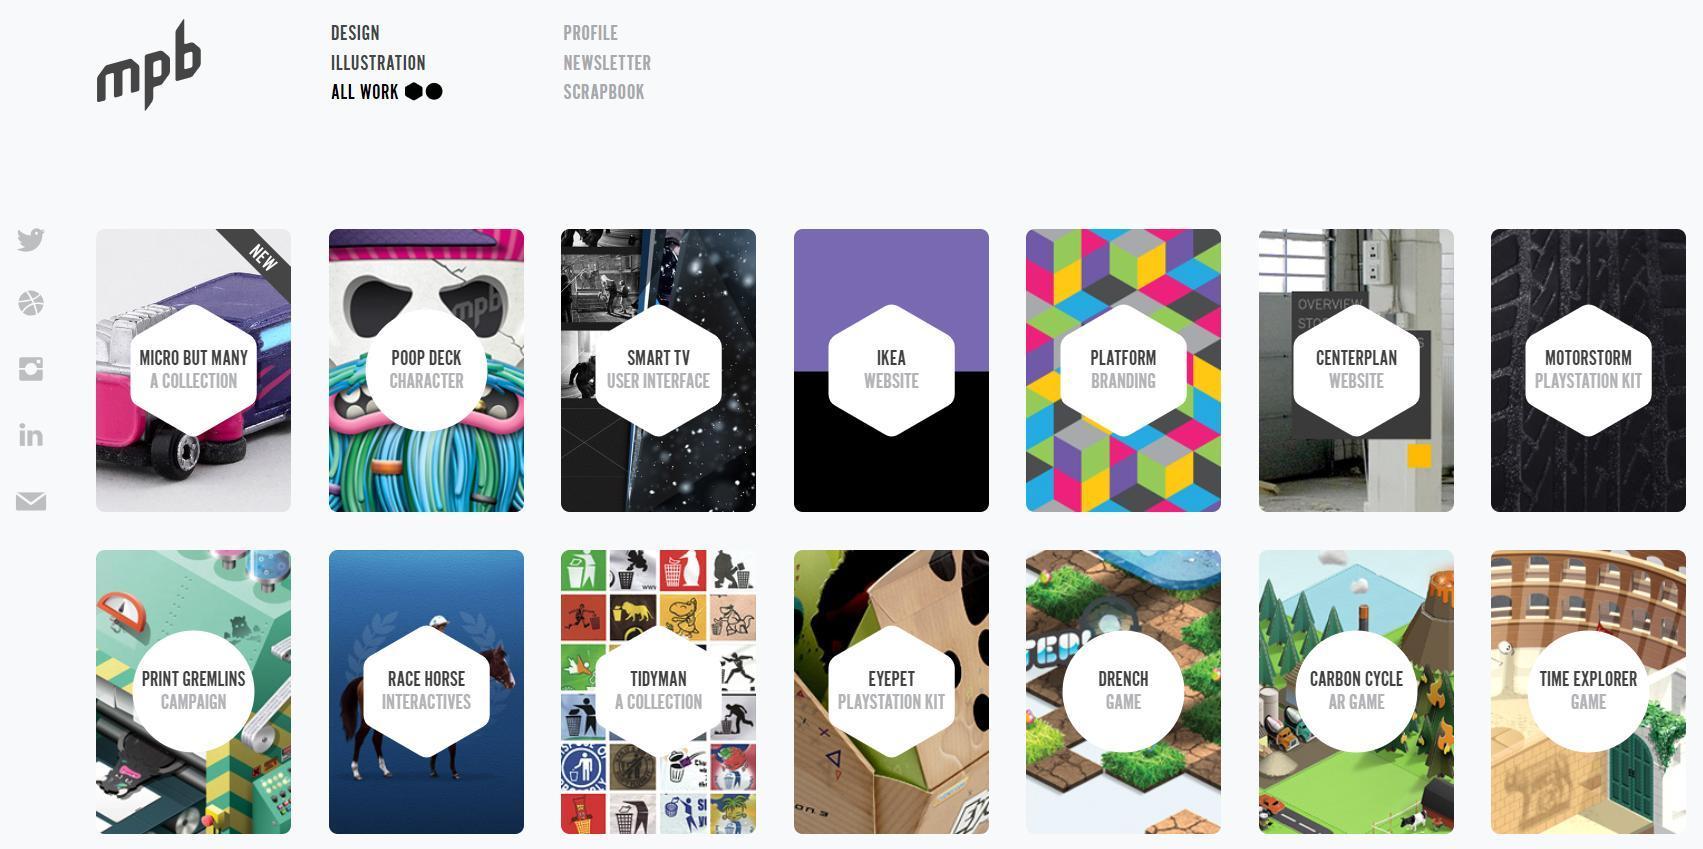 Website de portfólio com uma galeria de miniaturas